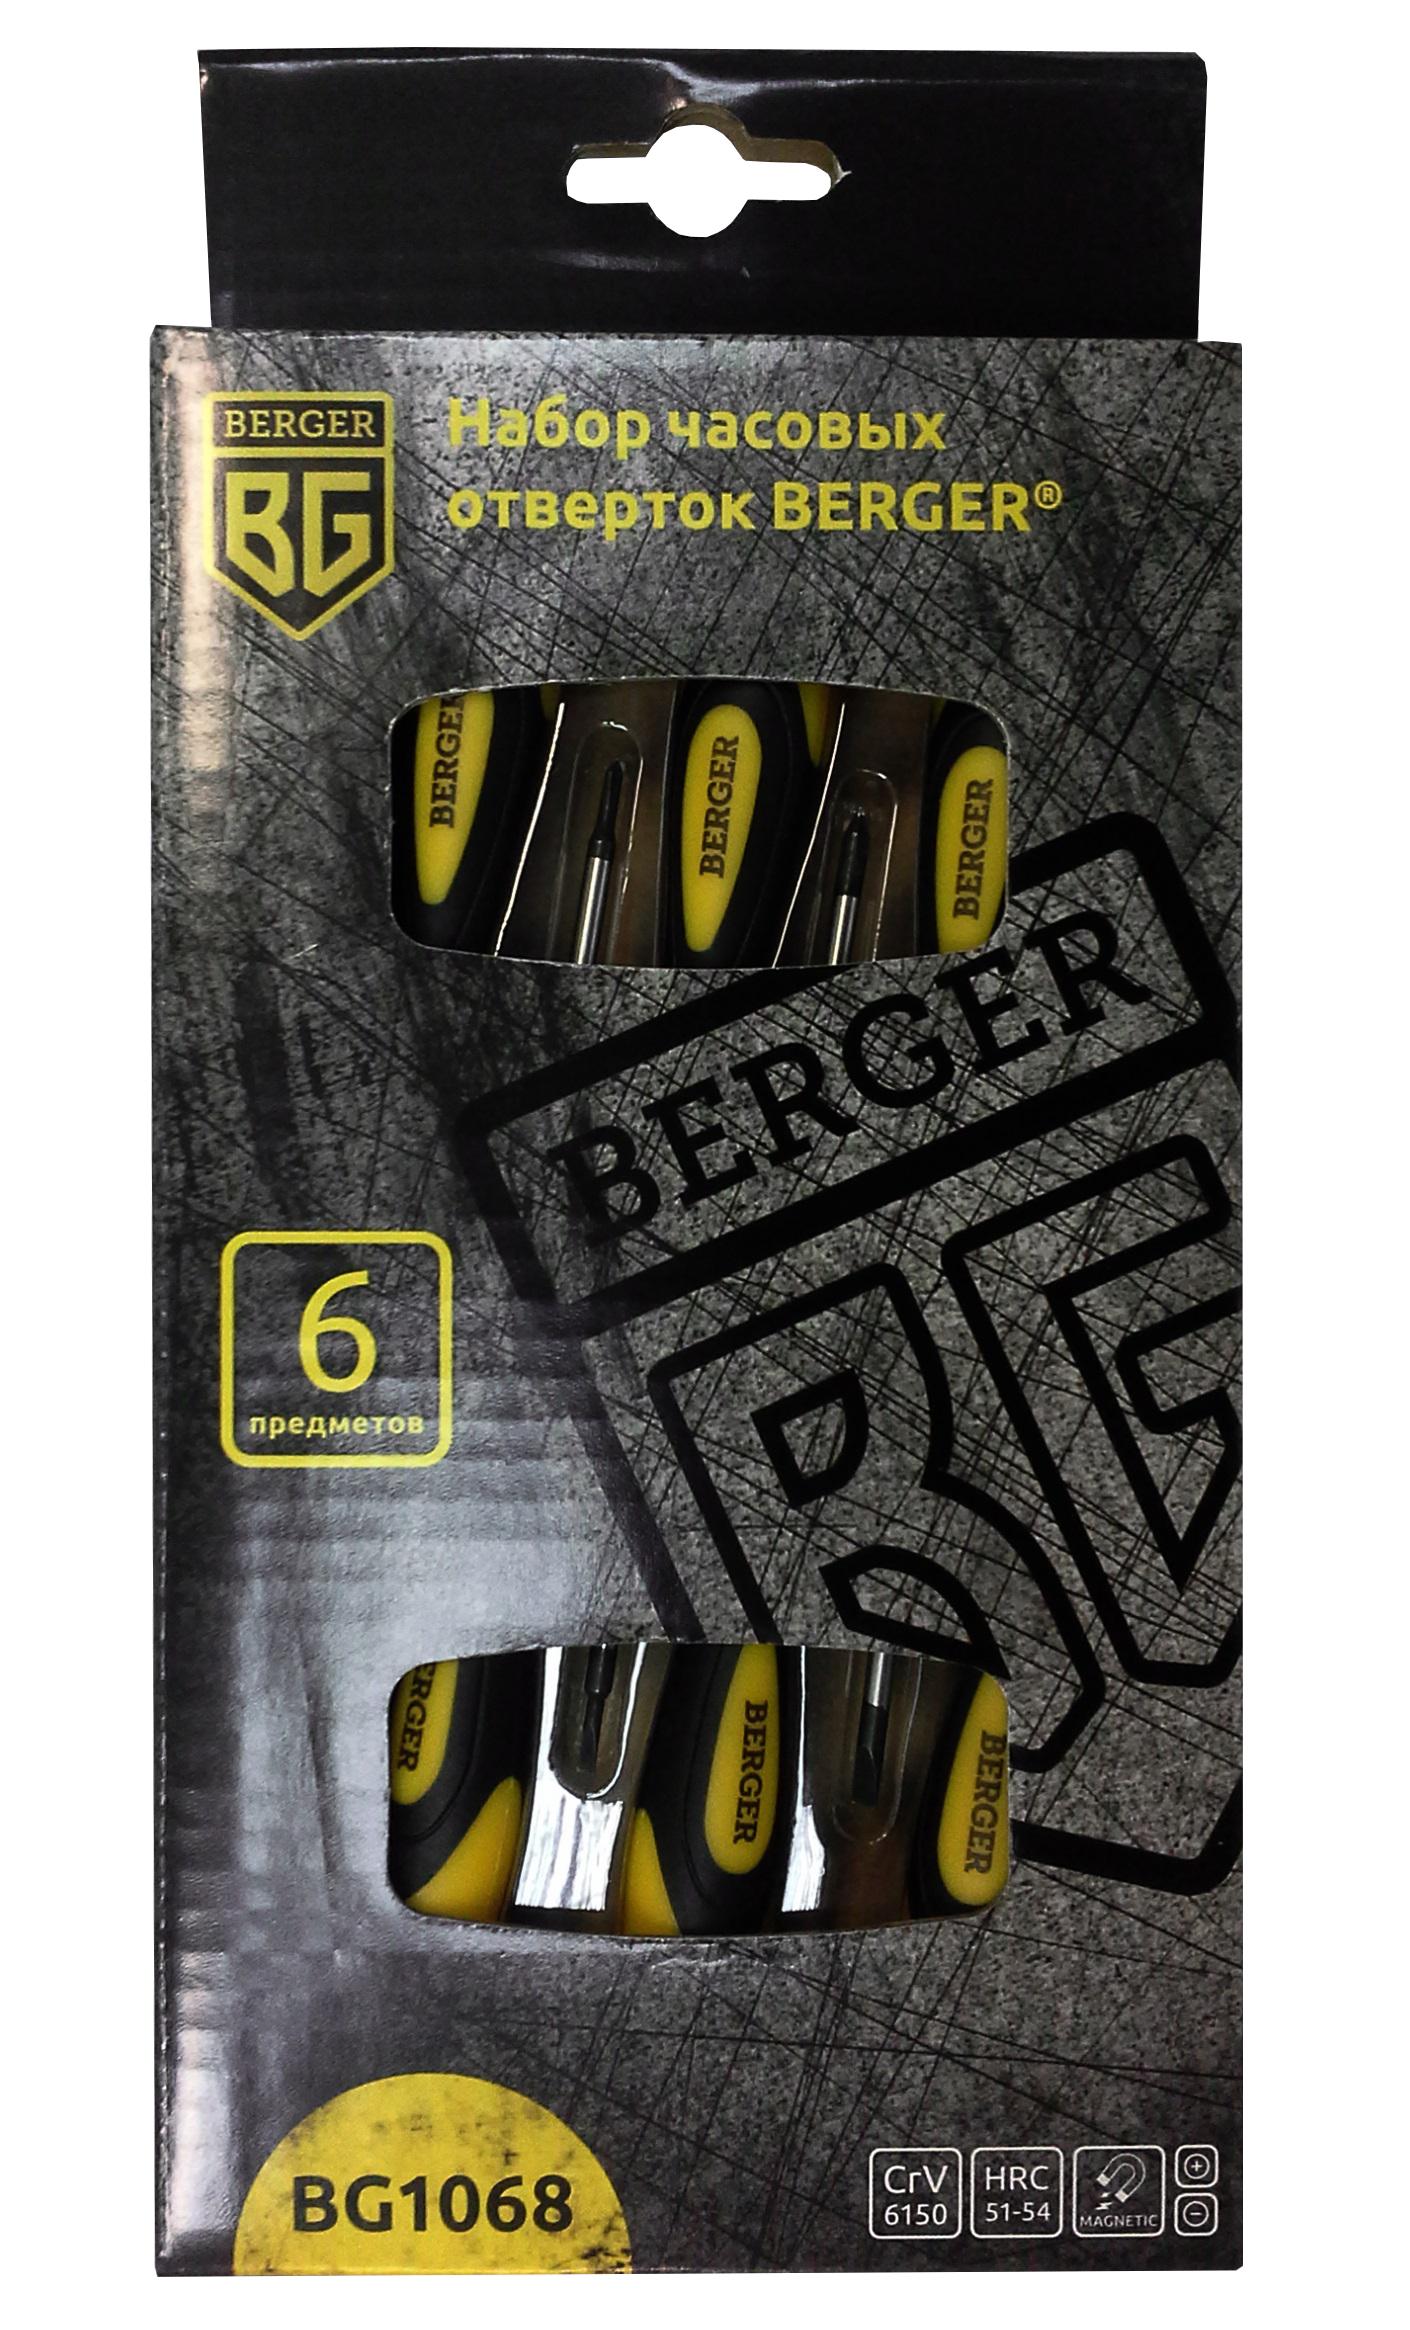 Набор отверток Berger Bg1068 набор отверток berger часовых 6 предметов bg1068